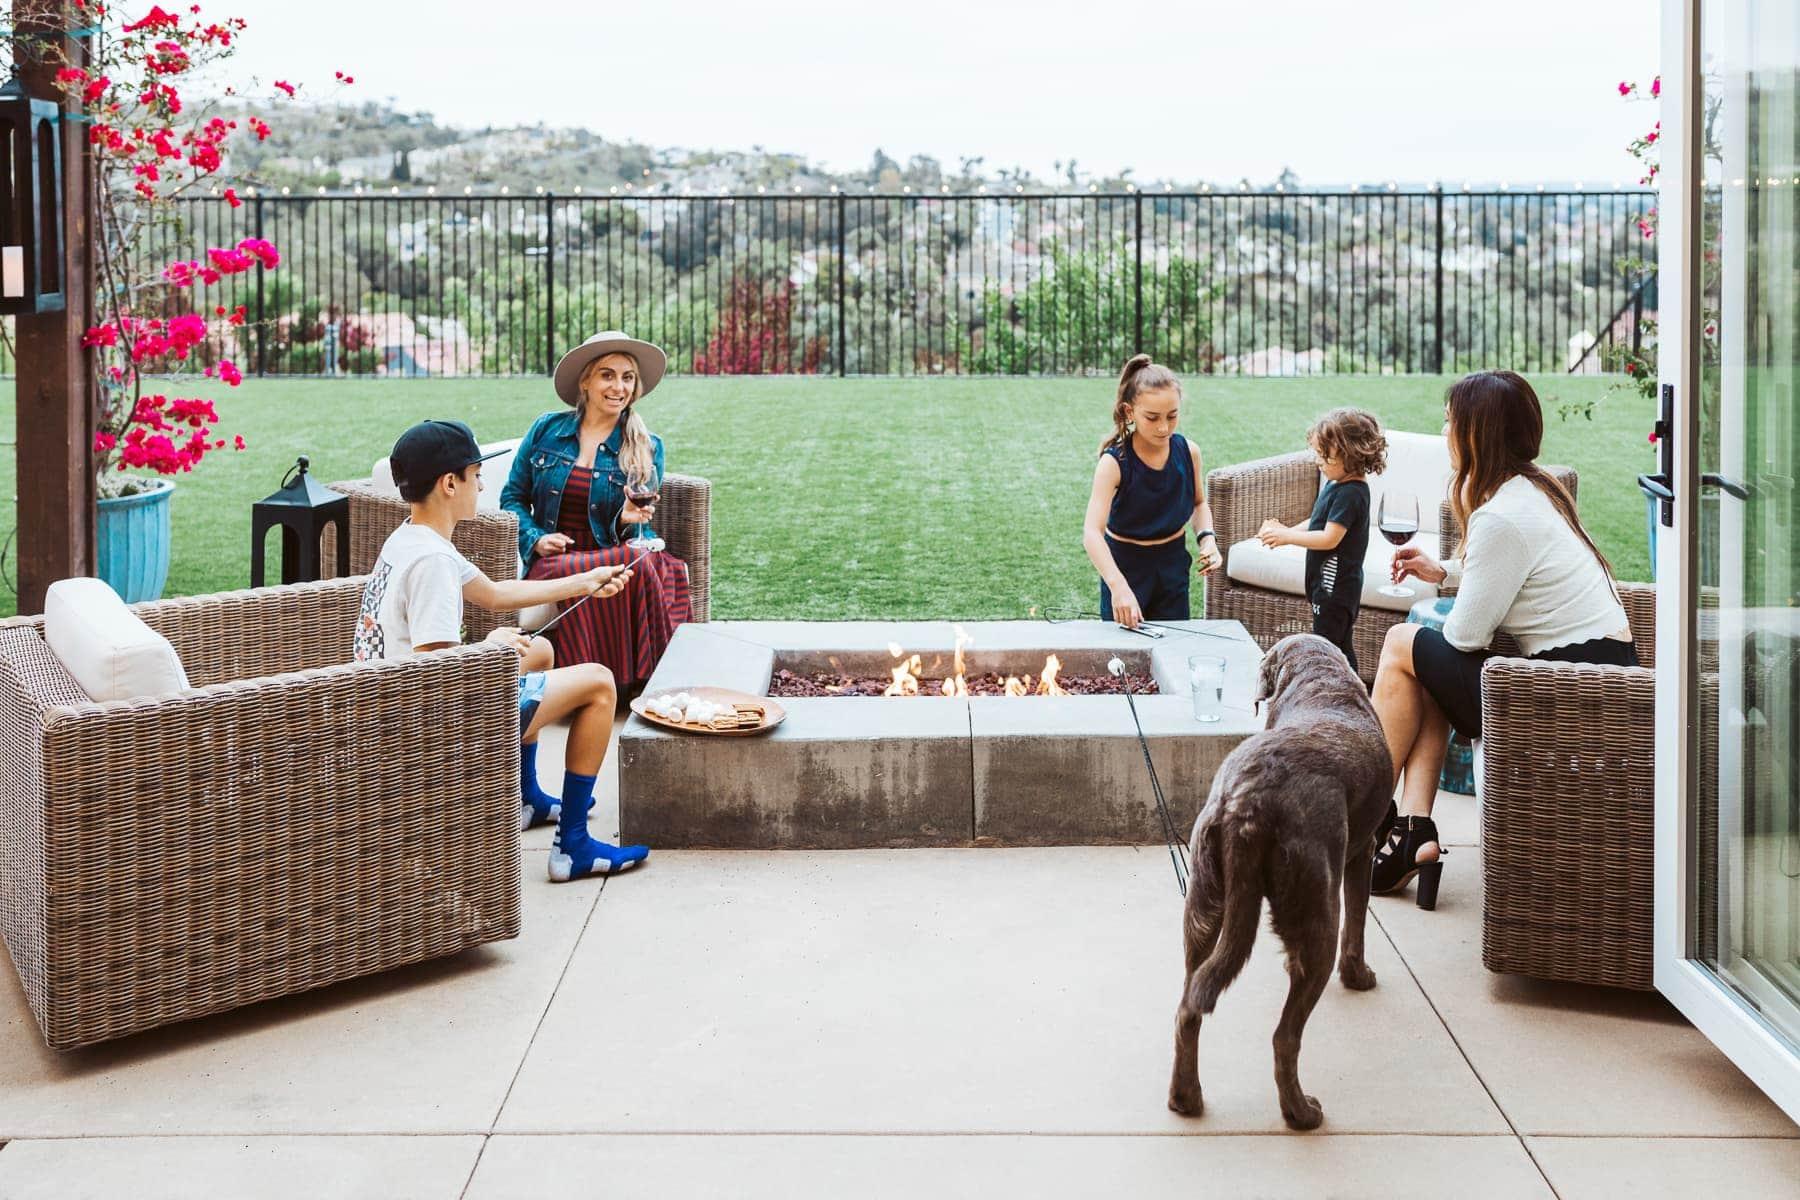 outdoor patio family